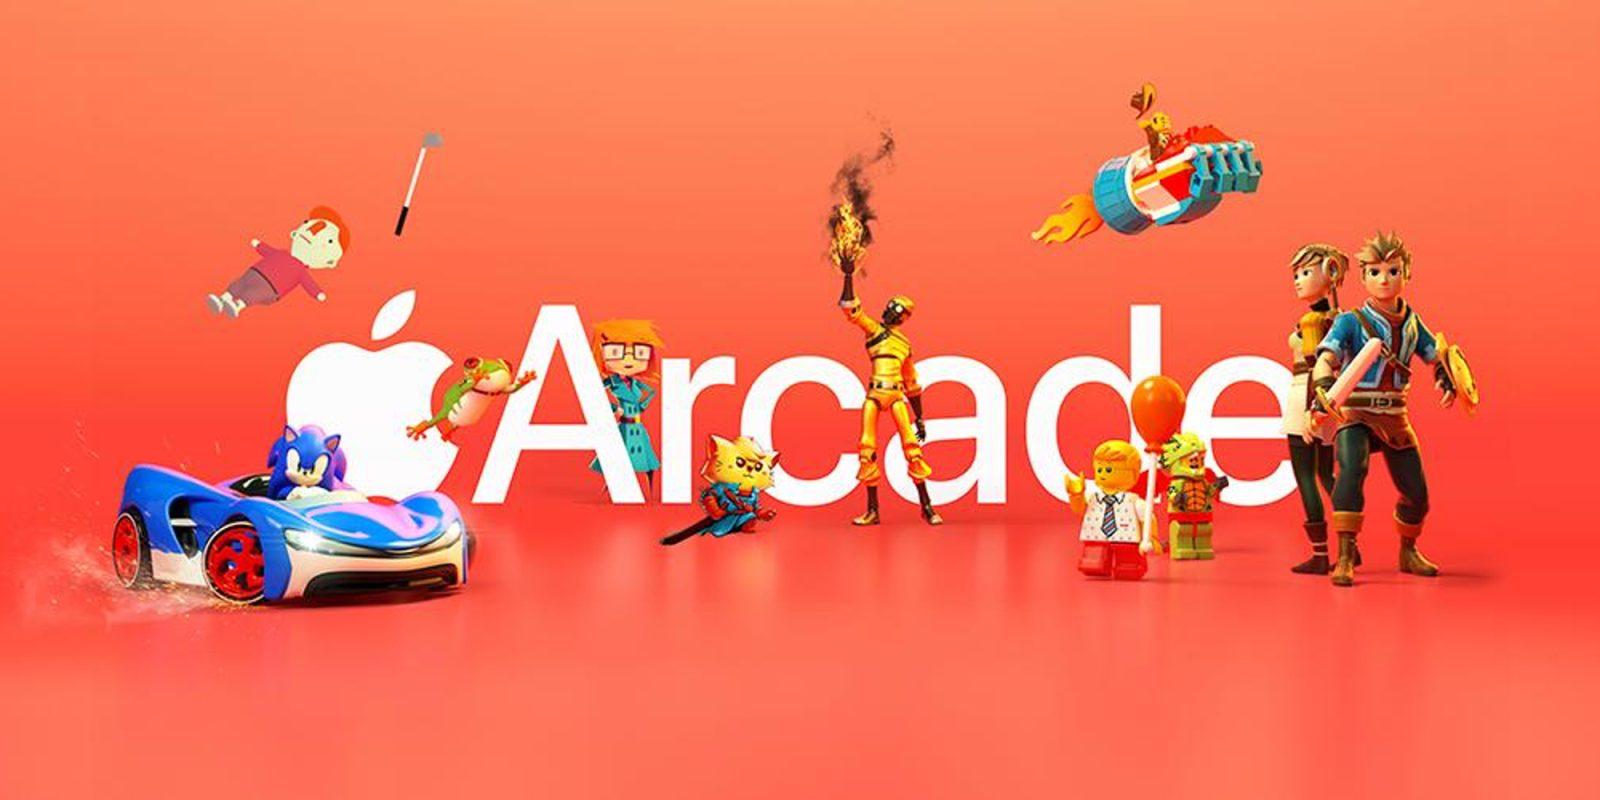 Apple дарит 3 месяца подписки Apple Arcade при покупке iPhone, iPad, Mac и Apple TV